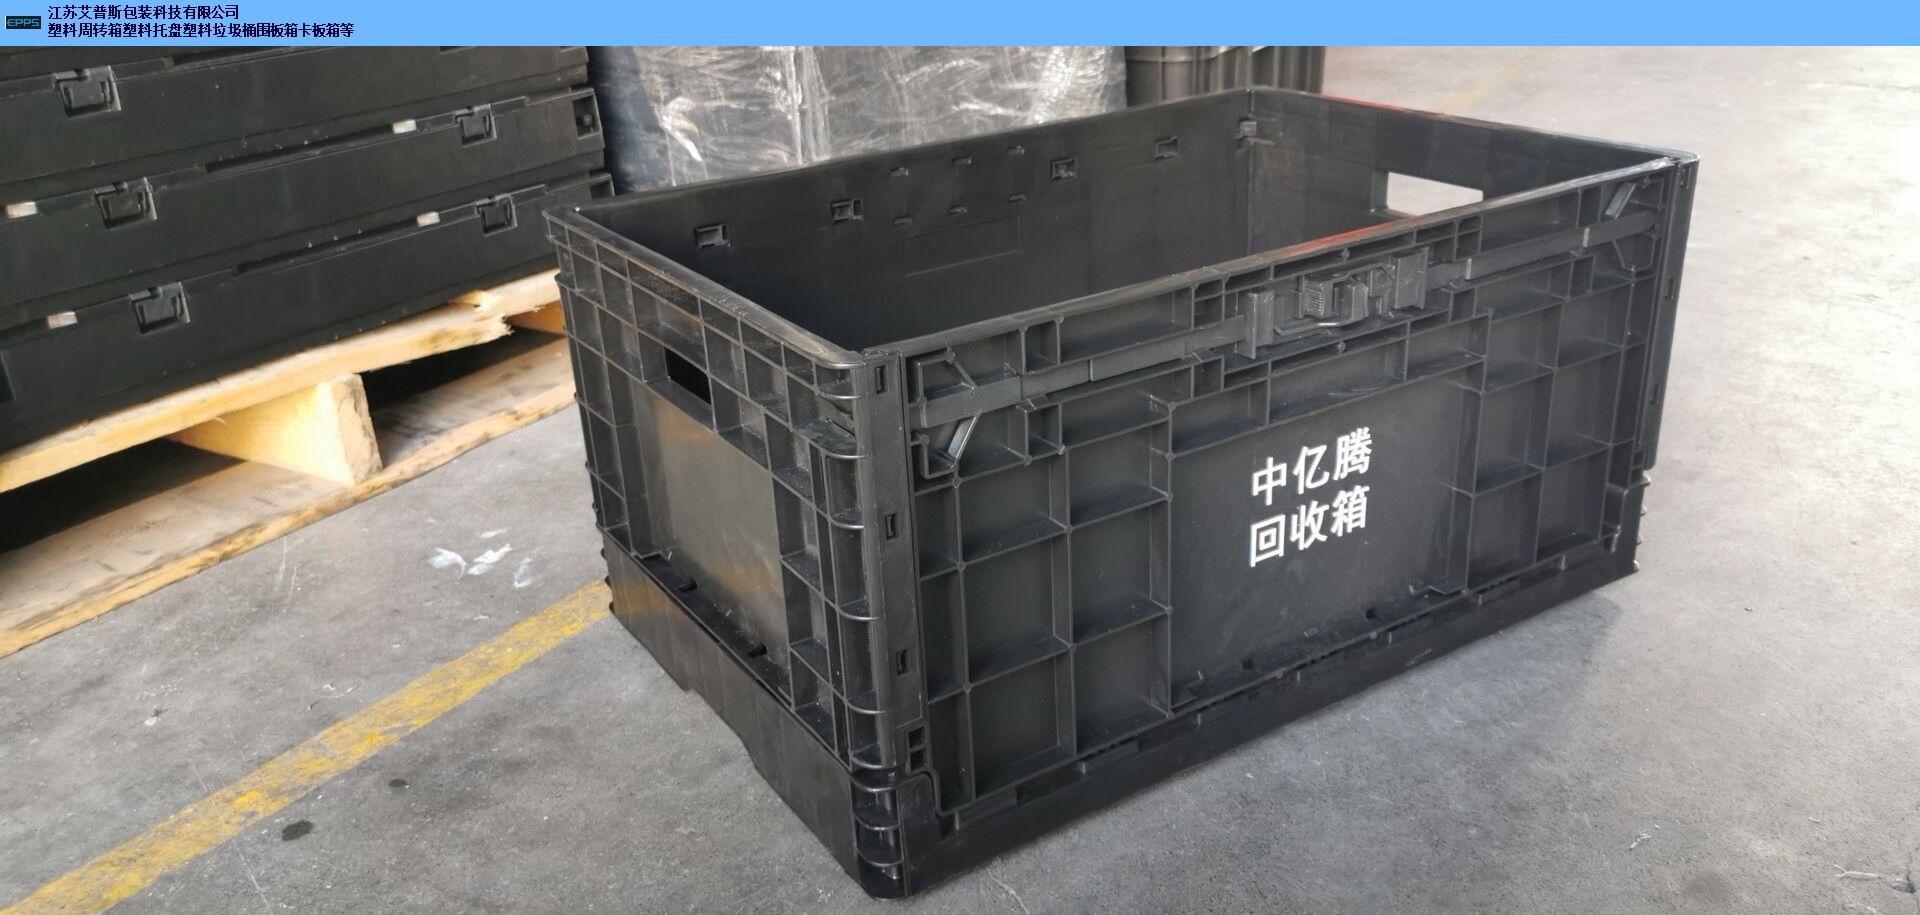 嘉兴防静电周转箱出厂价 创造辉煌「江苏艾普斯包装供应」